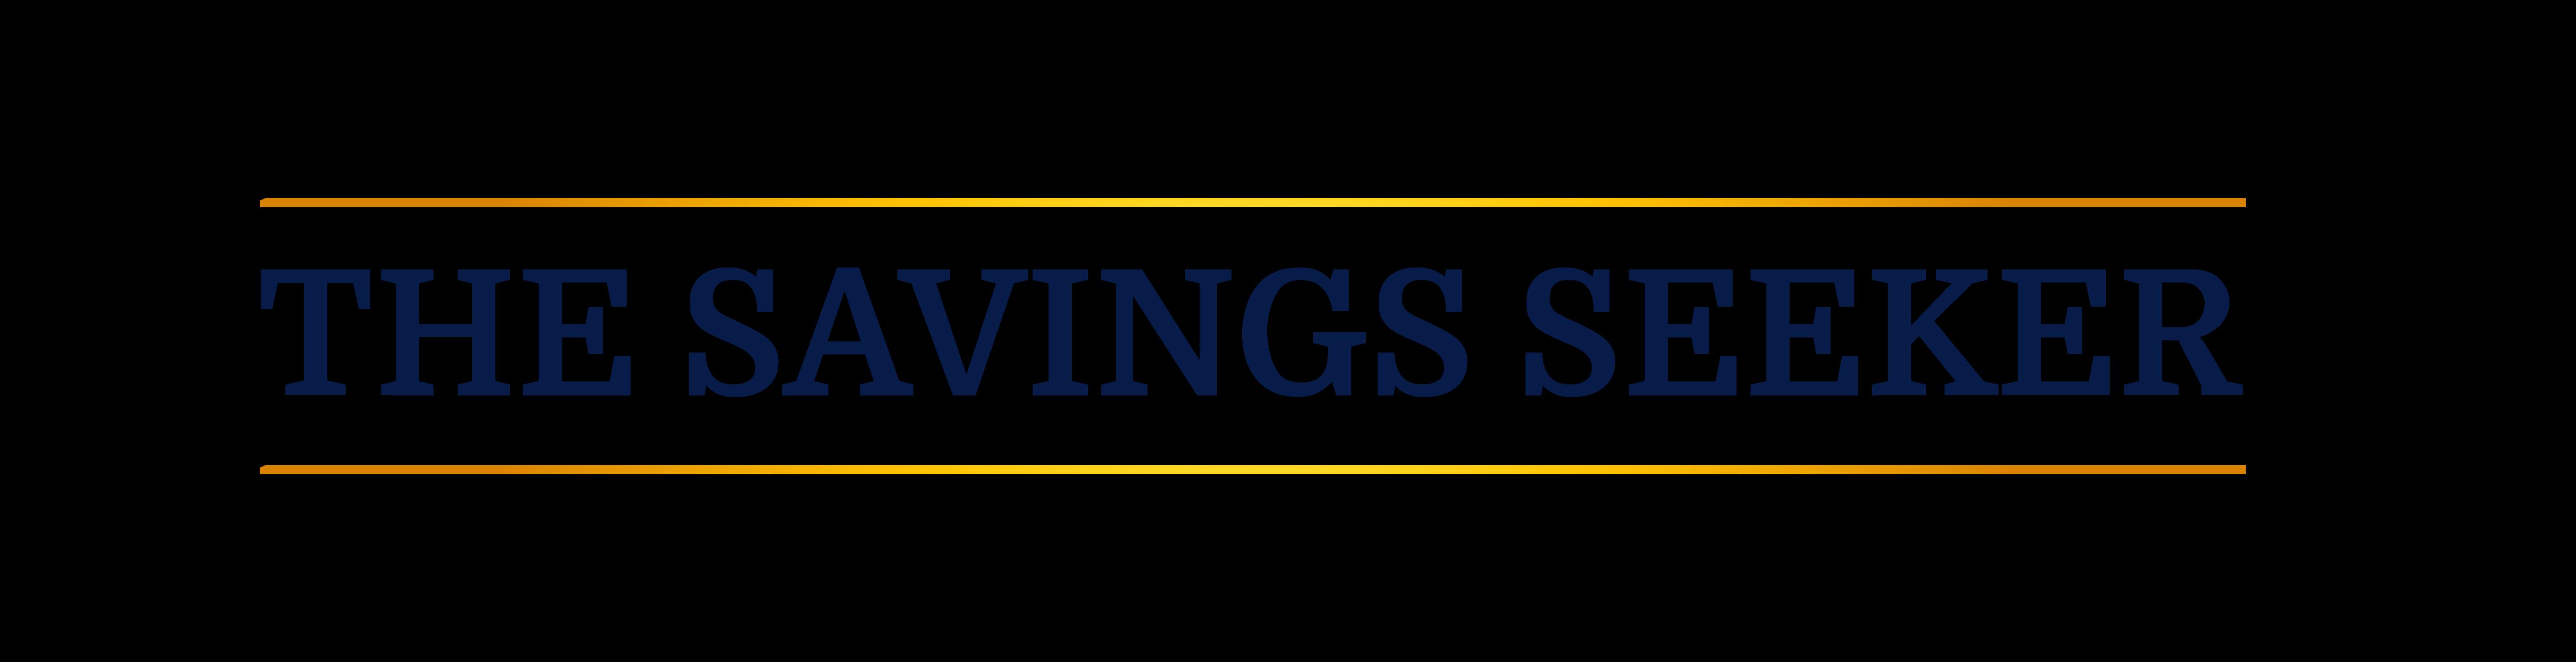 The Savings Seeker Blog